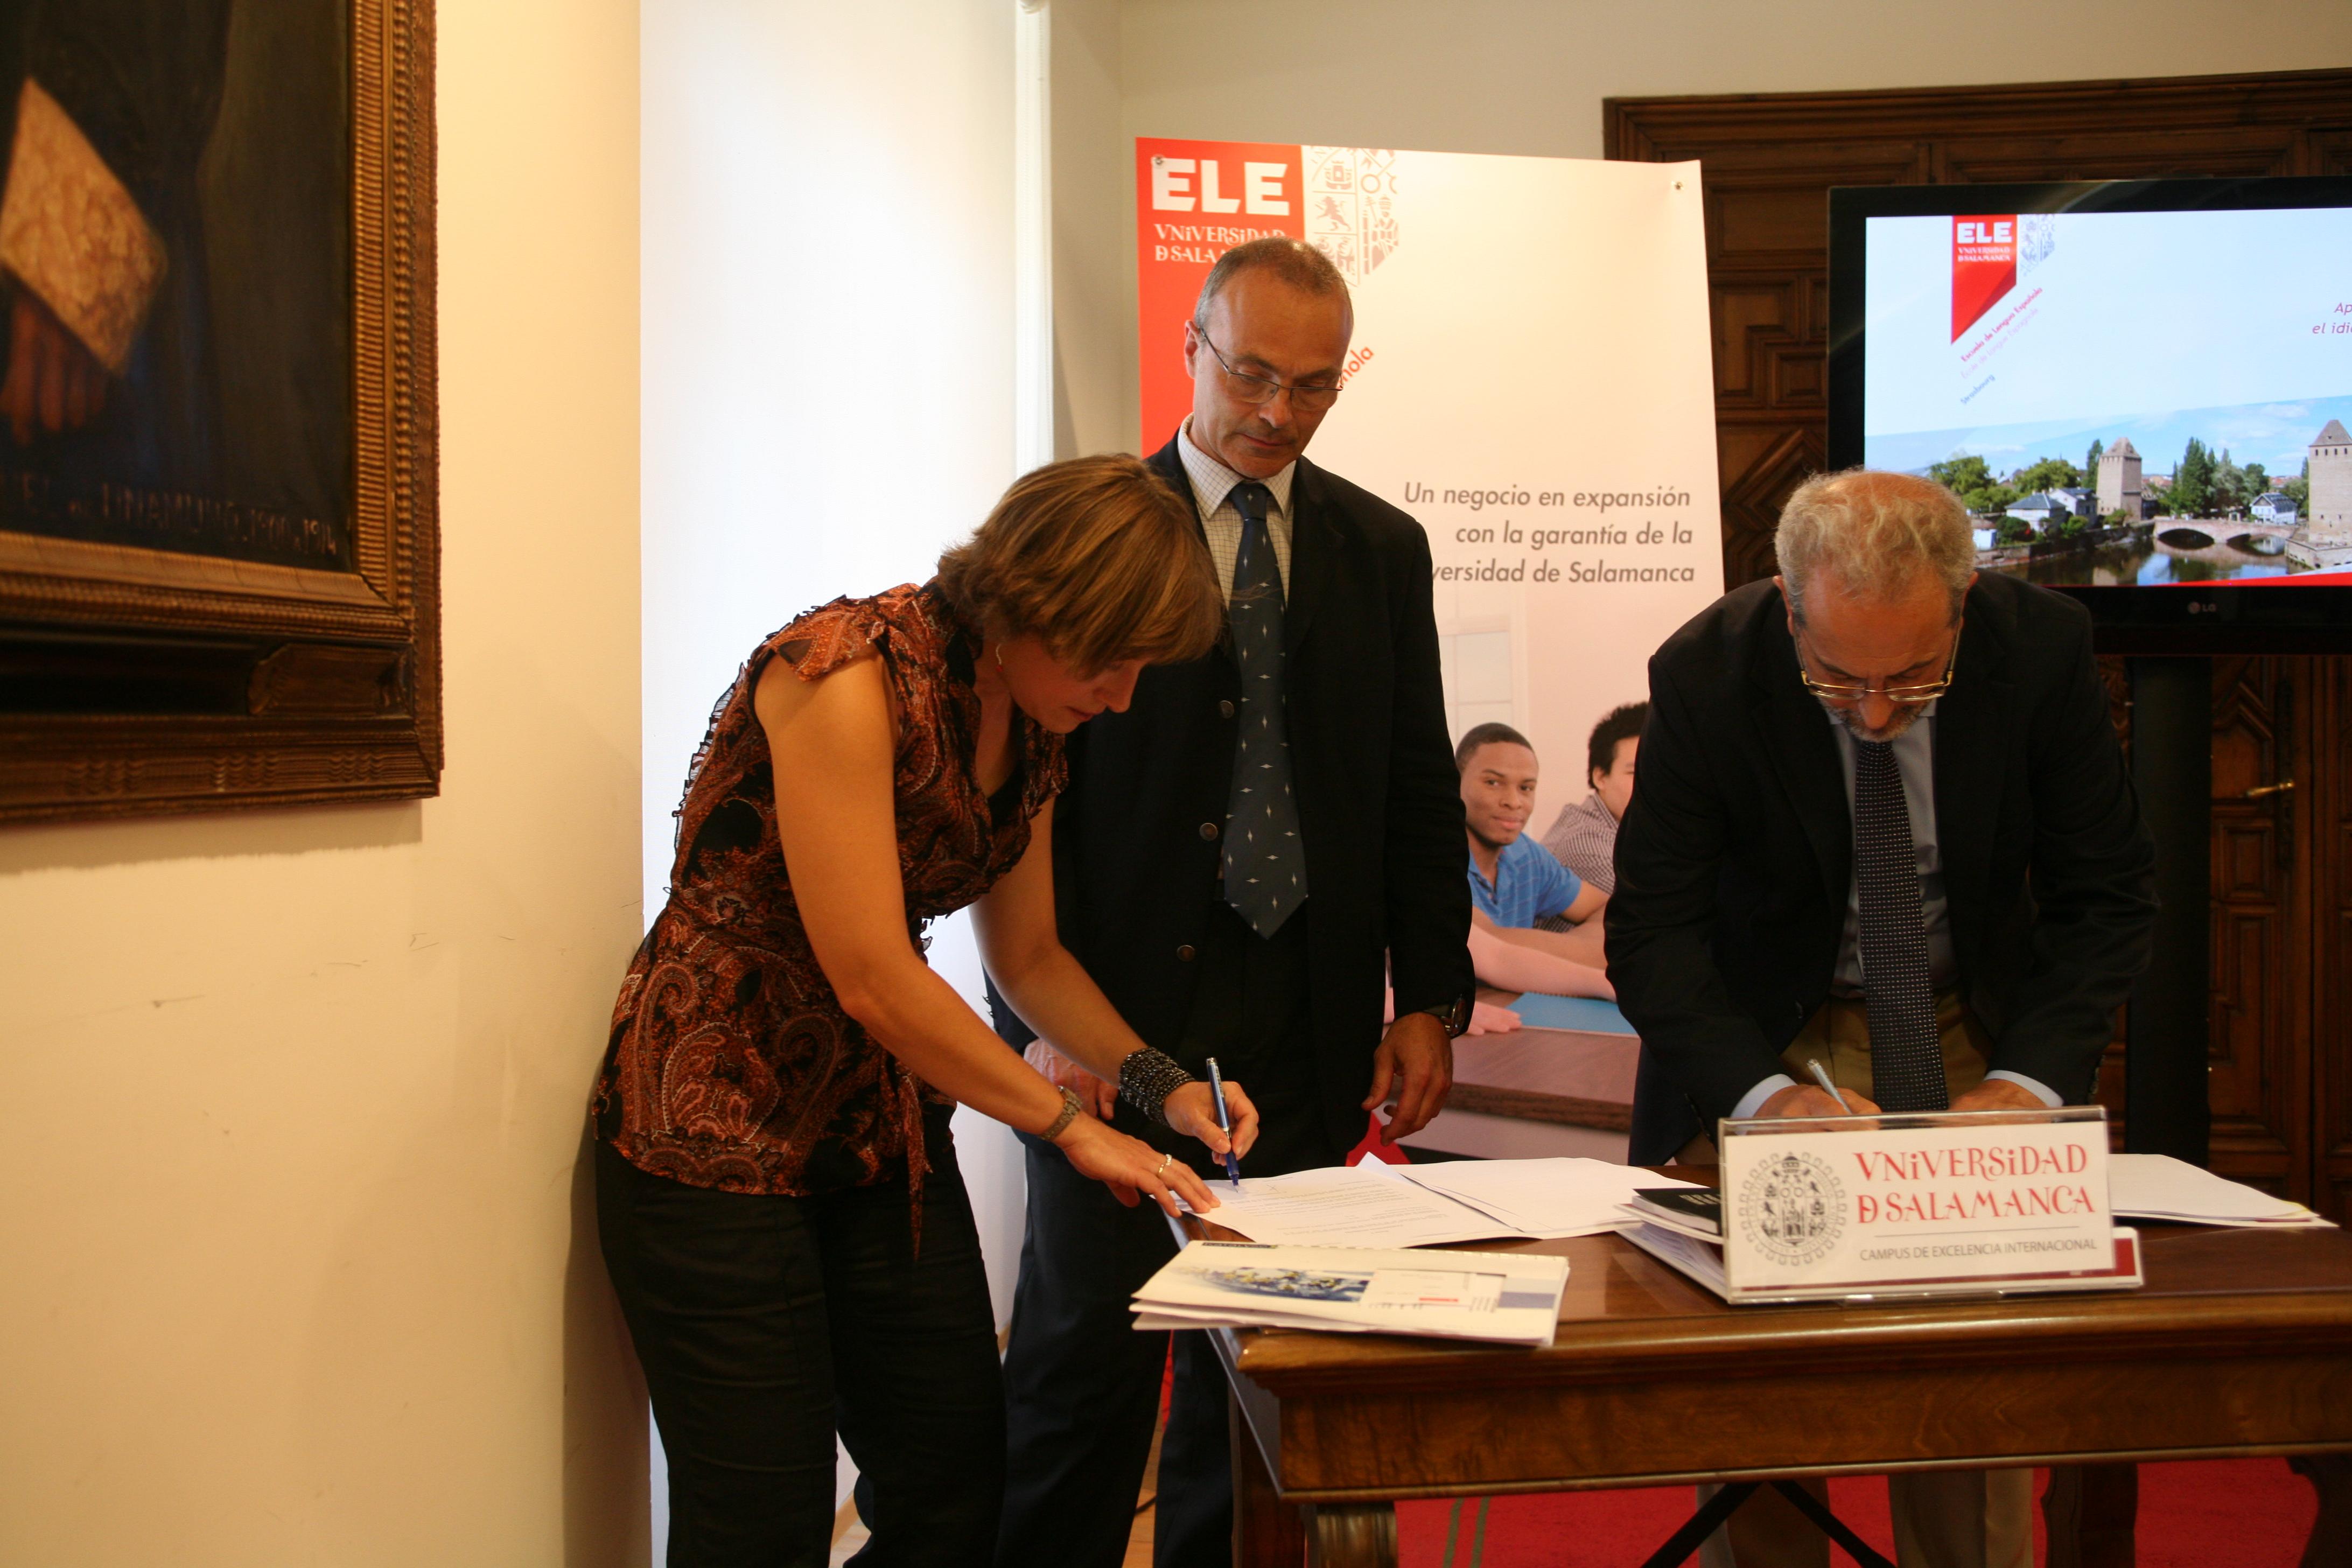 La ciudad de Estrasburgo acogerá la primera franquicia de Escuelas de Lengua Española de la Universidad de Salamanca